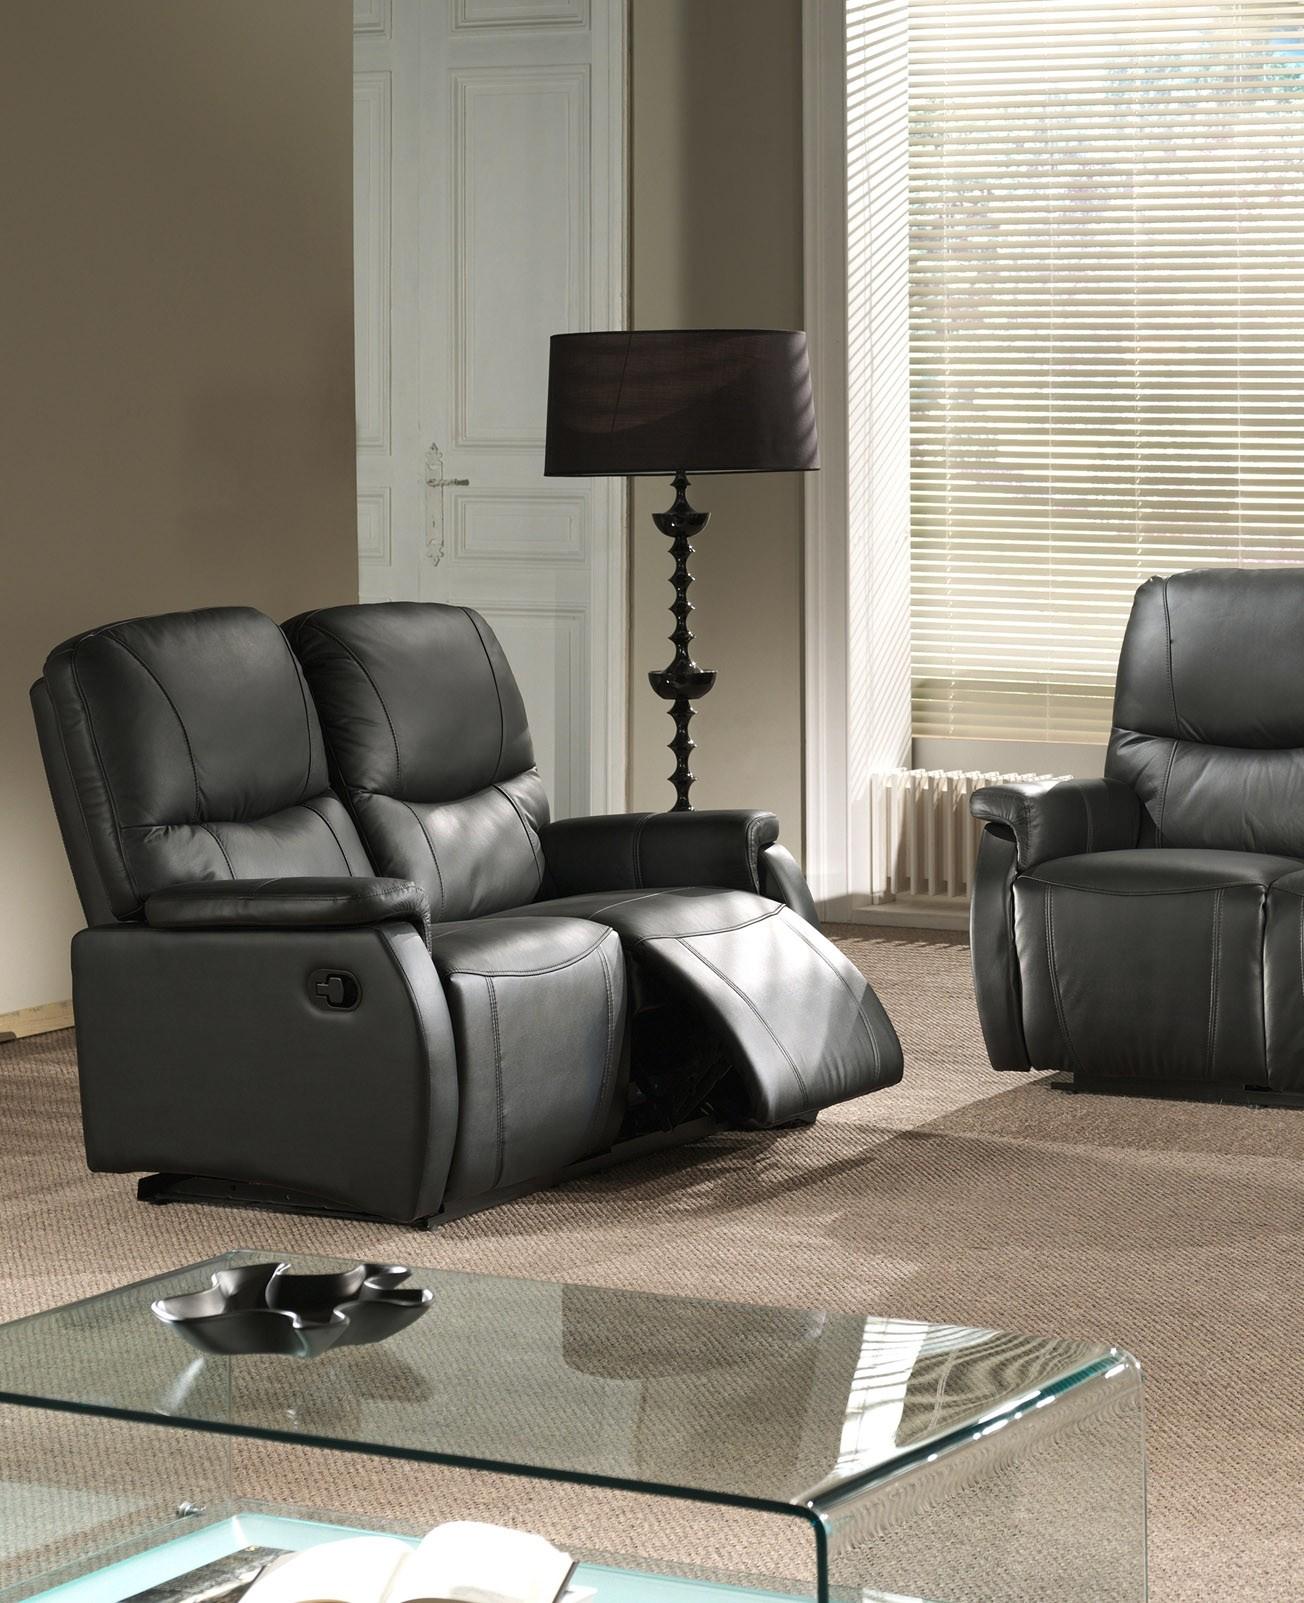 Canapé cuir 2 places 2 relax semi-automatique avec repose-pieds intégré TOSCANE